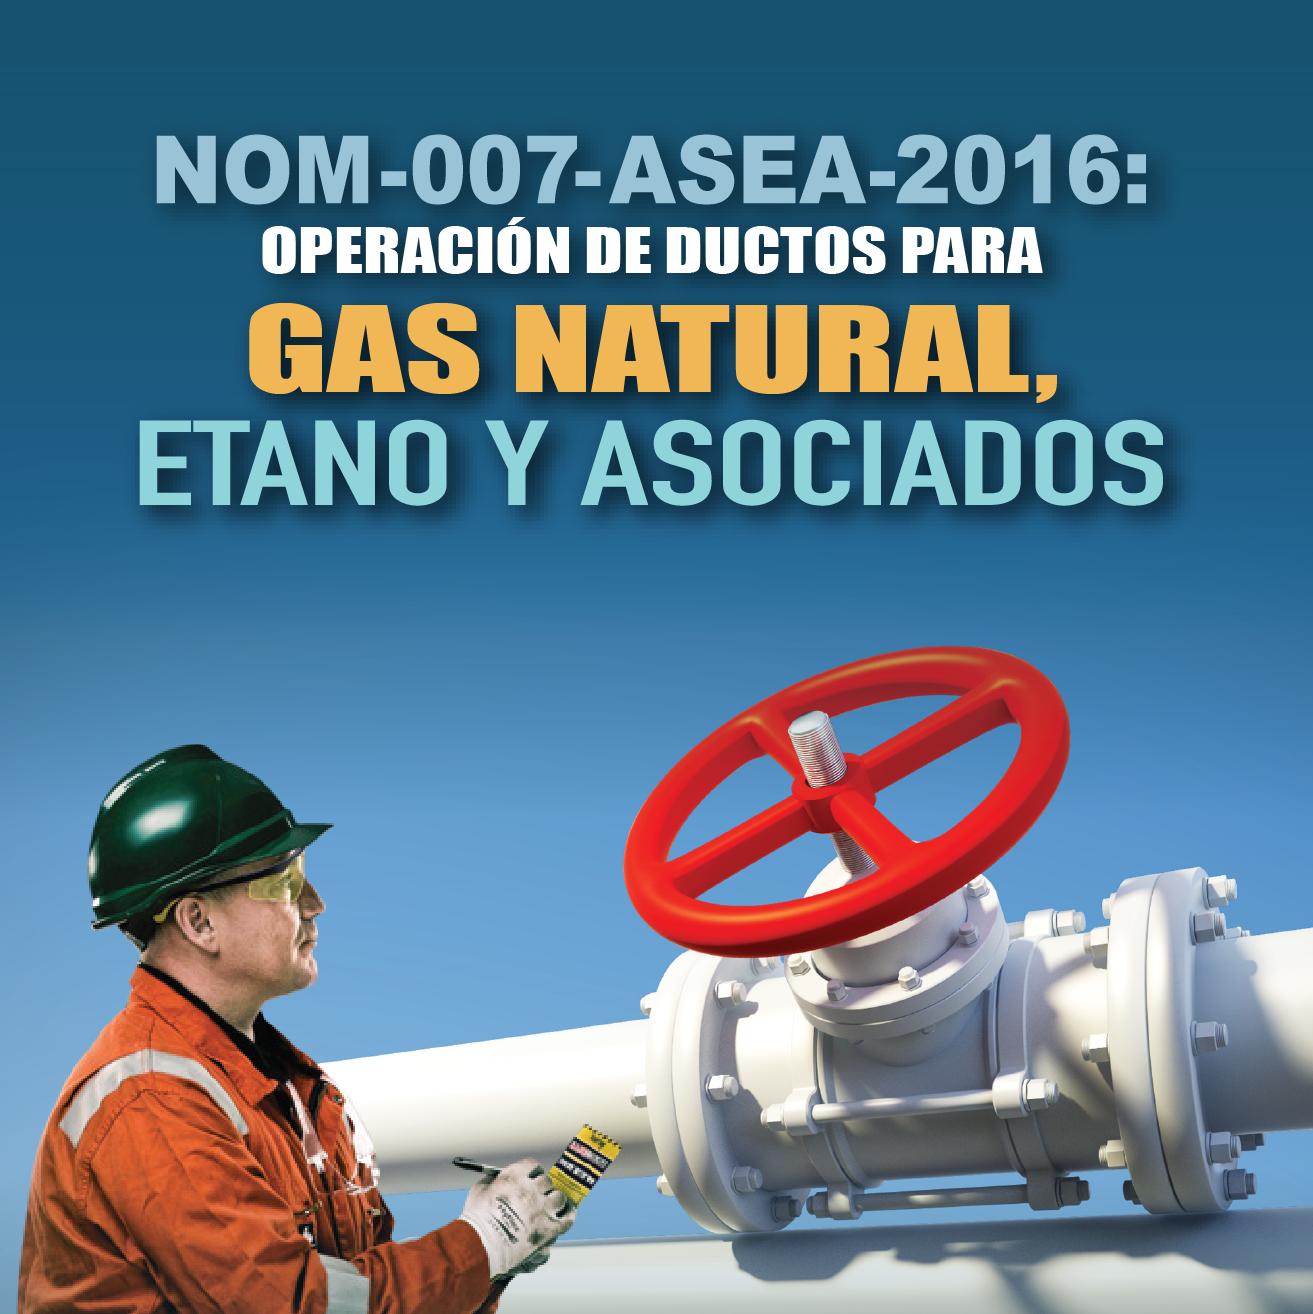 NOM-007-ASEA-2016: Verificación exitosa para el transporte de Gas por ductos